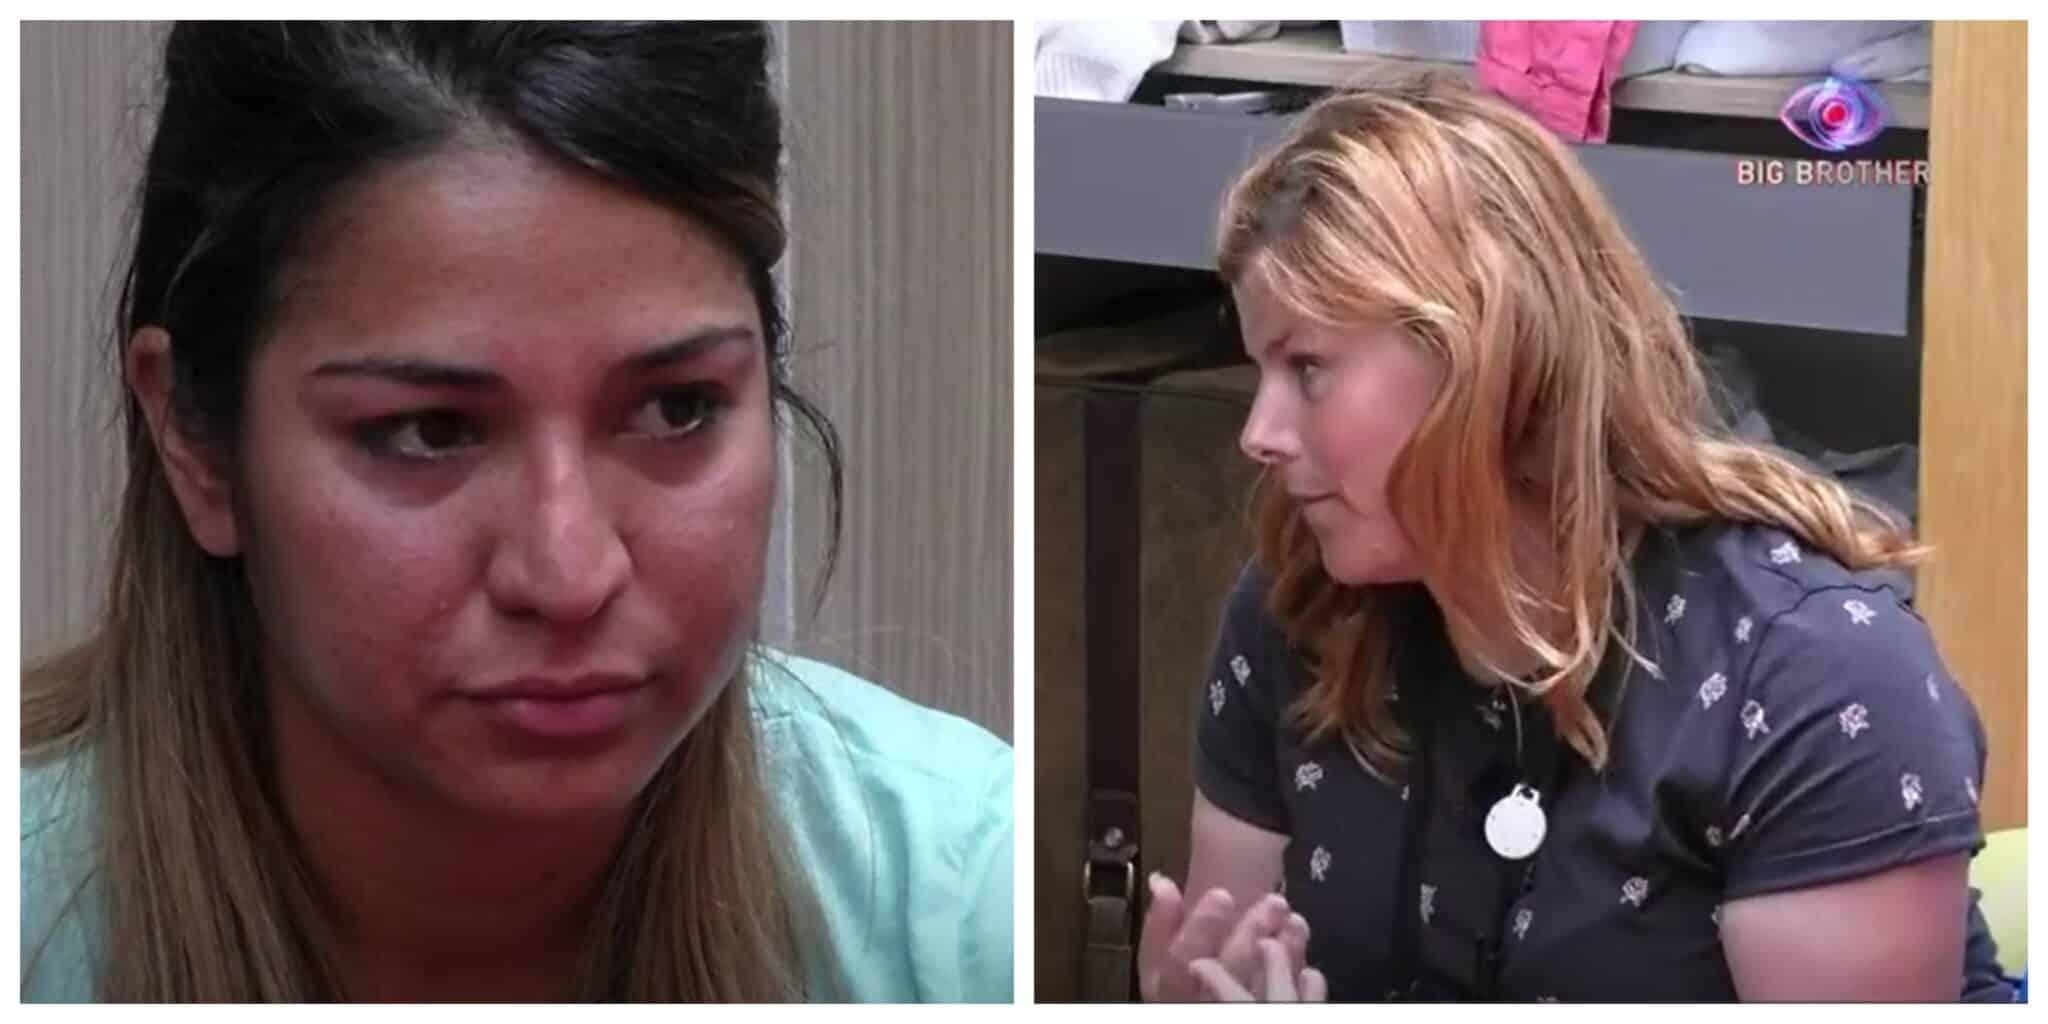 Angelica-Noelia-Big-Brother